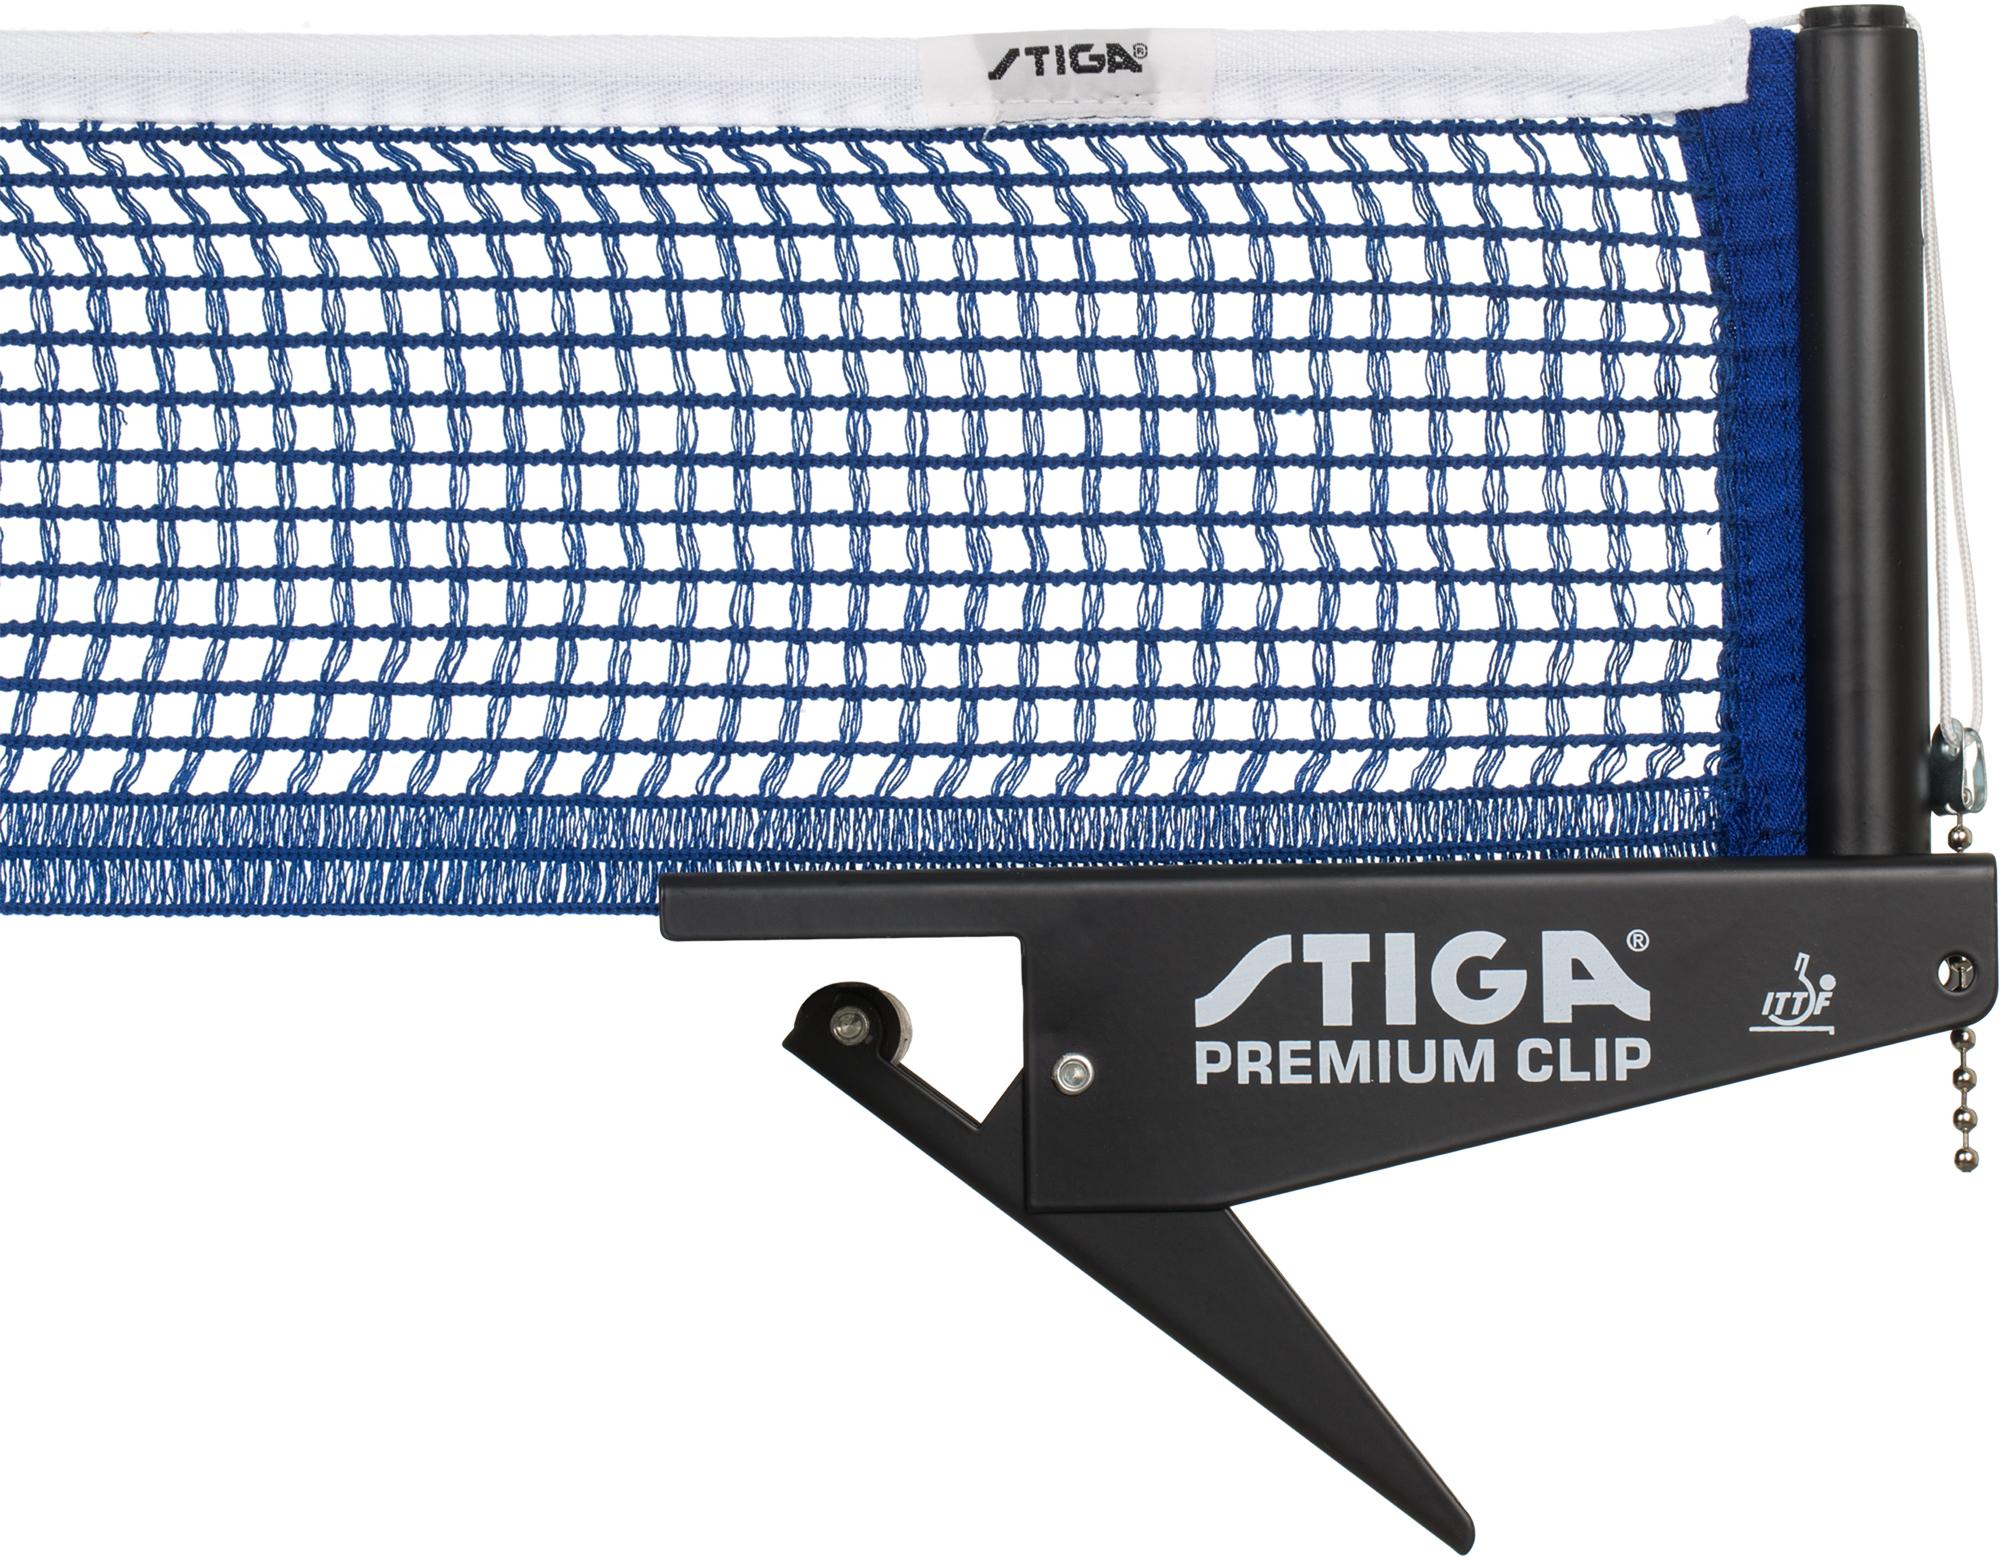 Stiga Сетка для настольного тенниса Stiga Premium Clip stiga st 3255 p